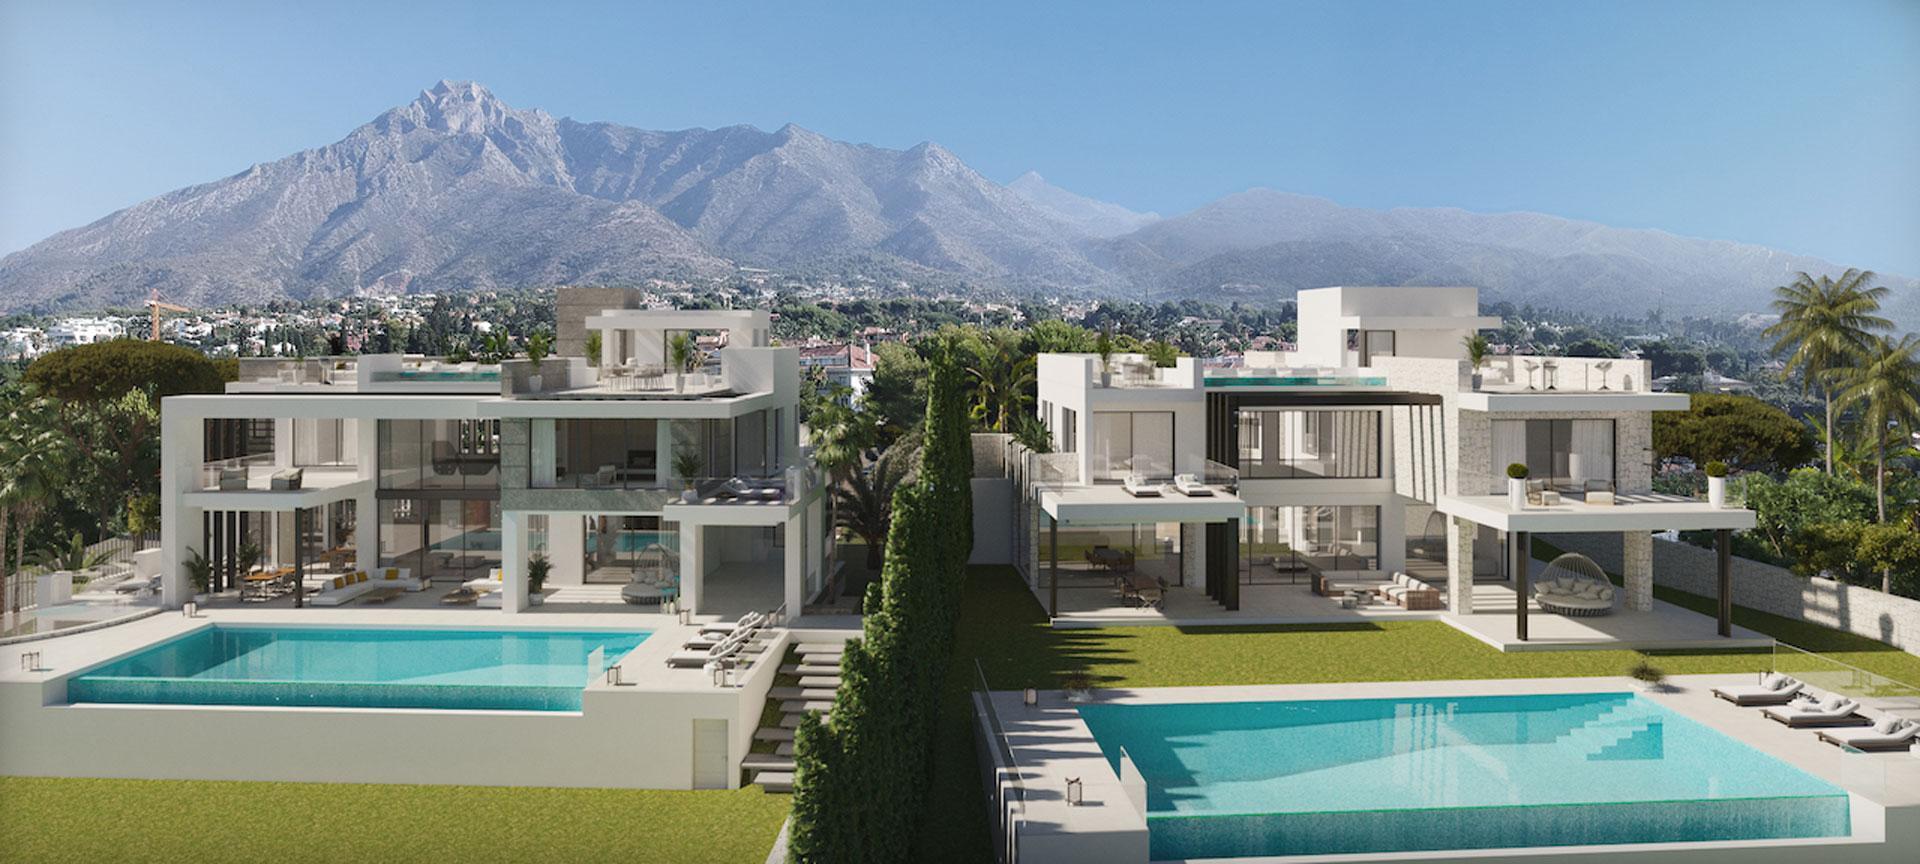 mobius-villas-casa-sonada-marbella-exterior-1